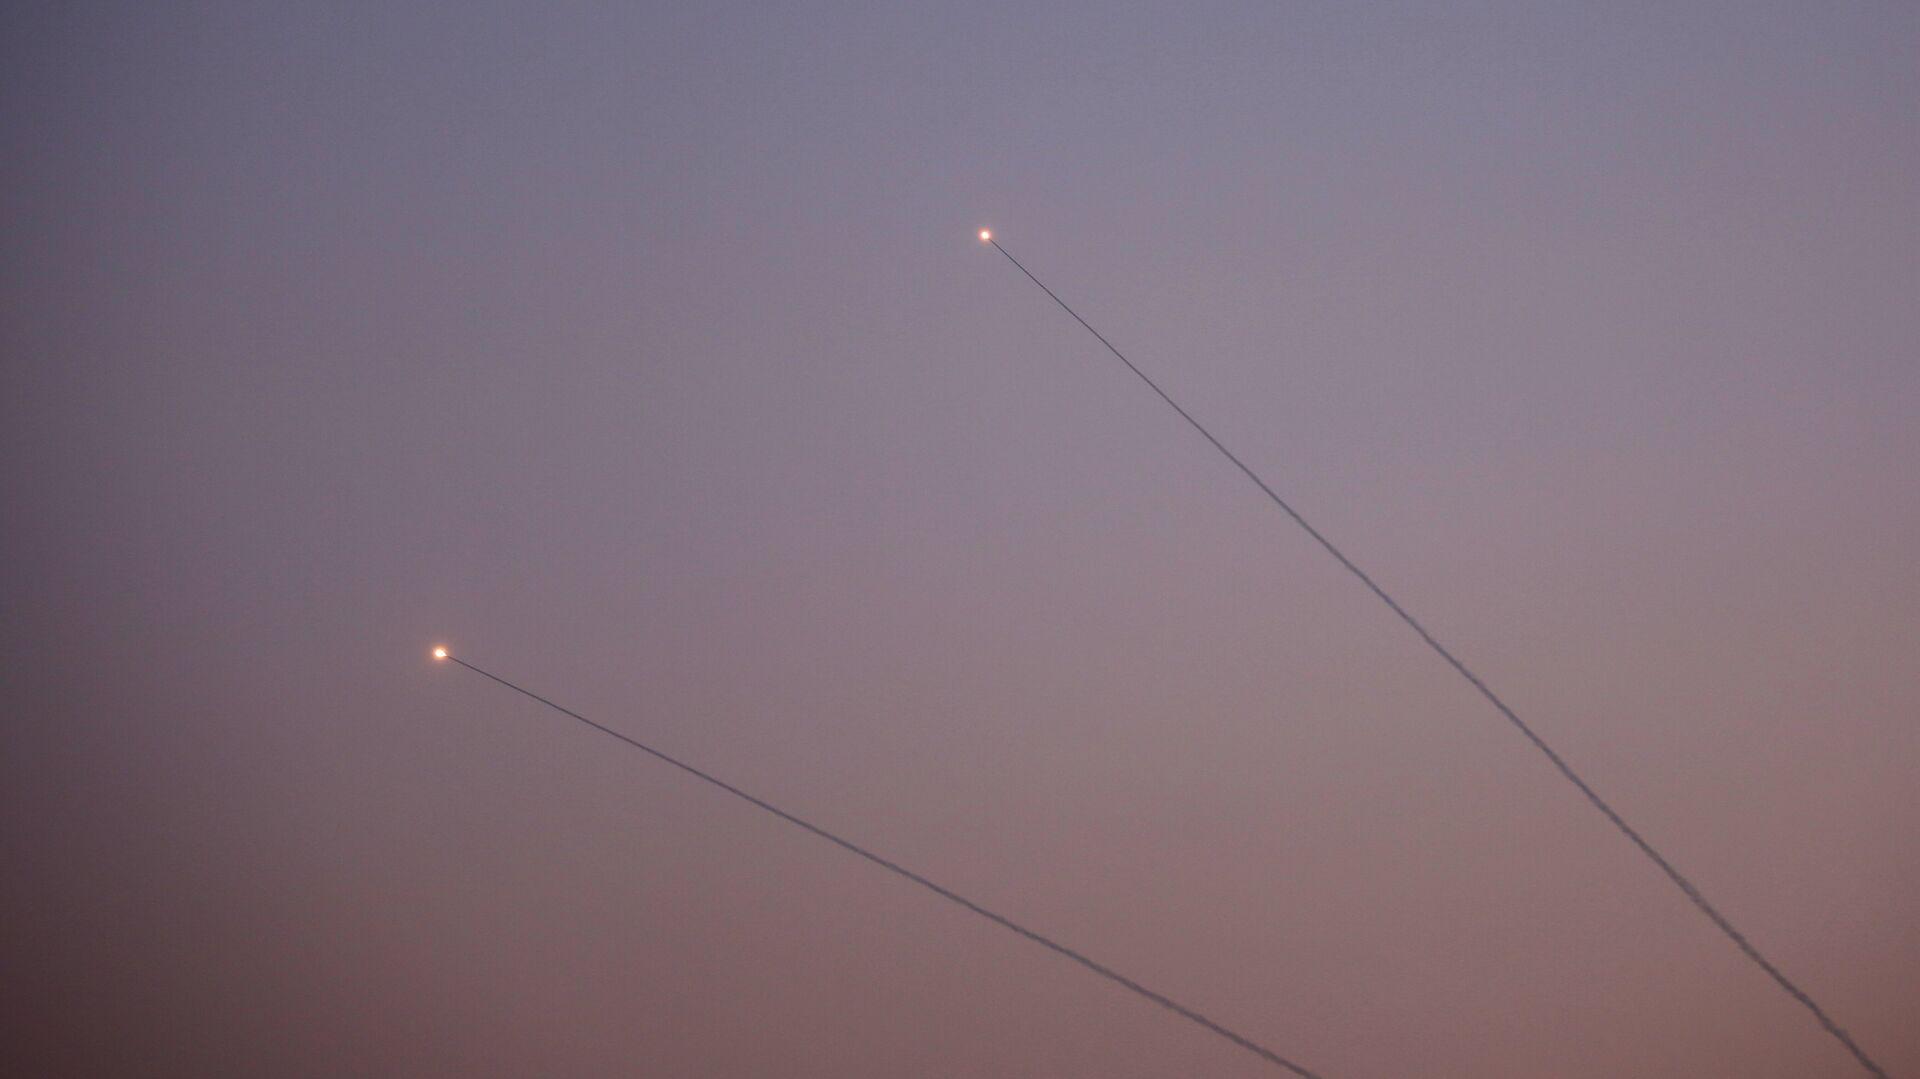 Обмен ракетными ударами между Израилем и сектором Газа - РИА Новости, 1920, 10.05.2021